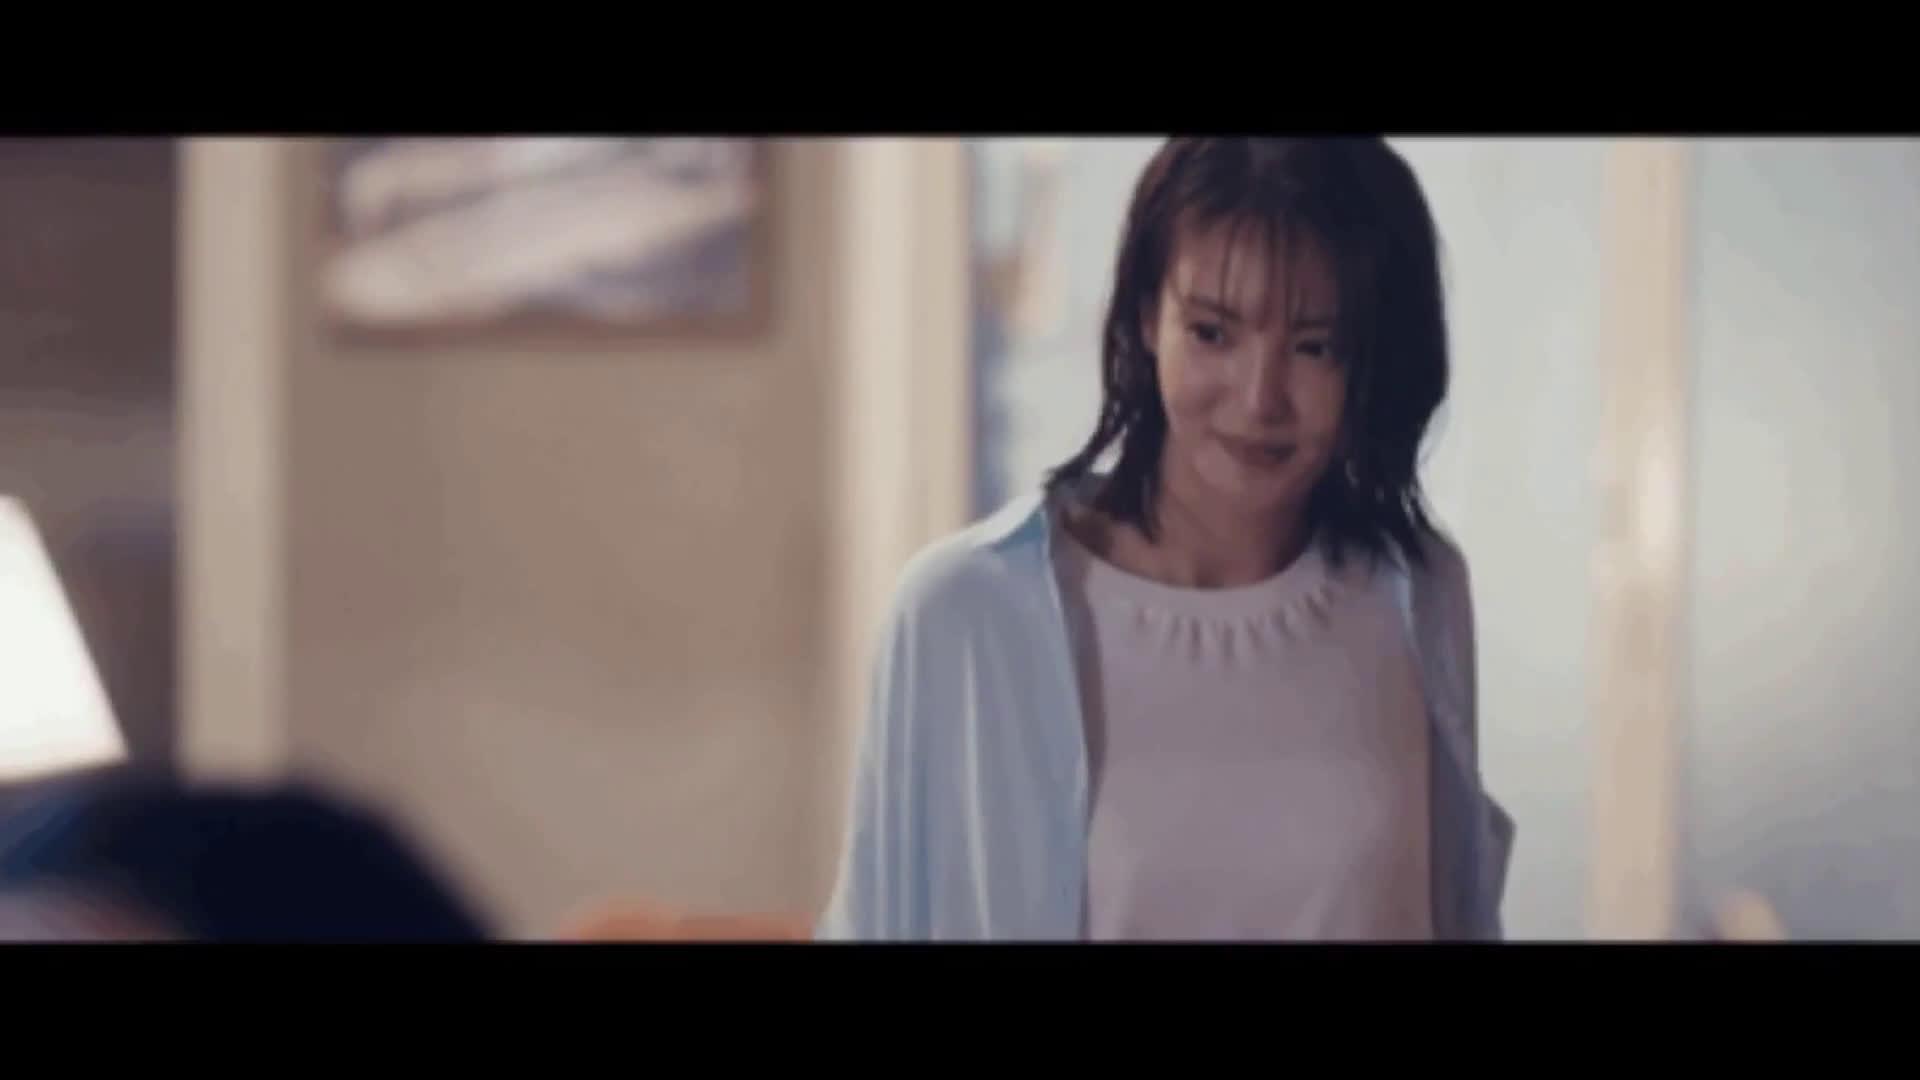 金晨小姐姐真的和适合这种,十日游戏这个阳台很港很绝啊啊啊